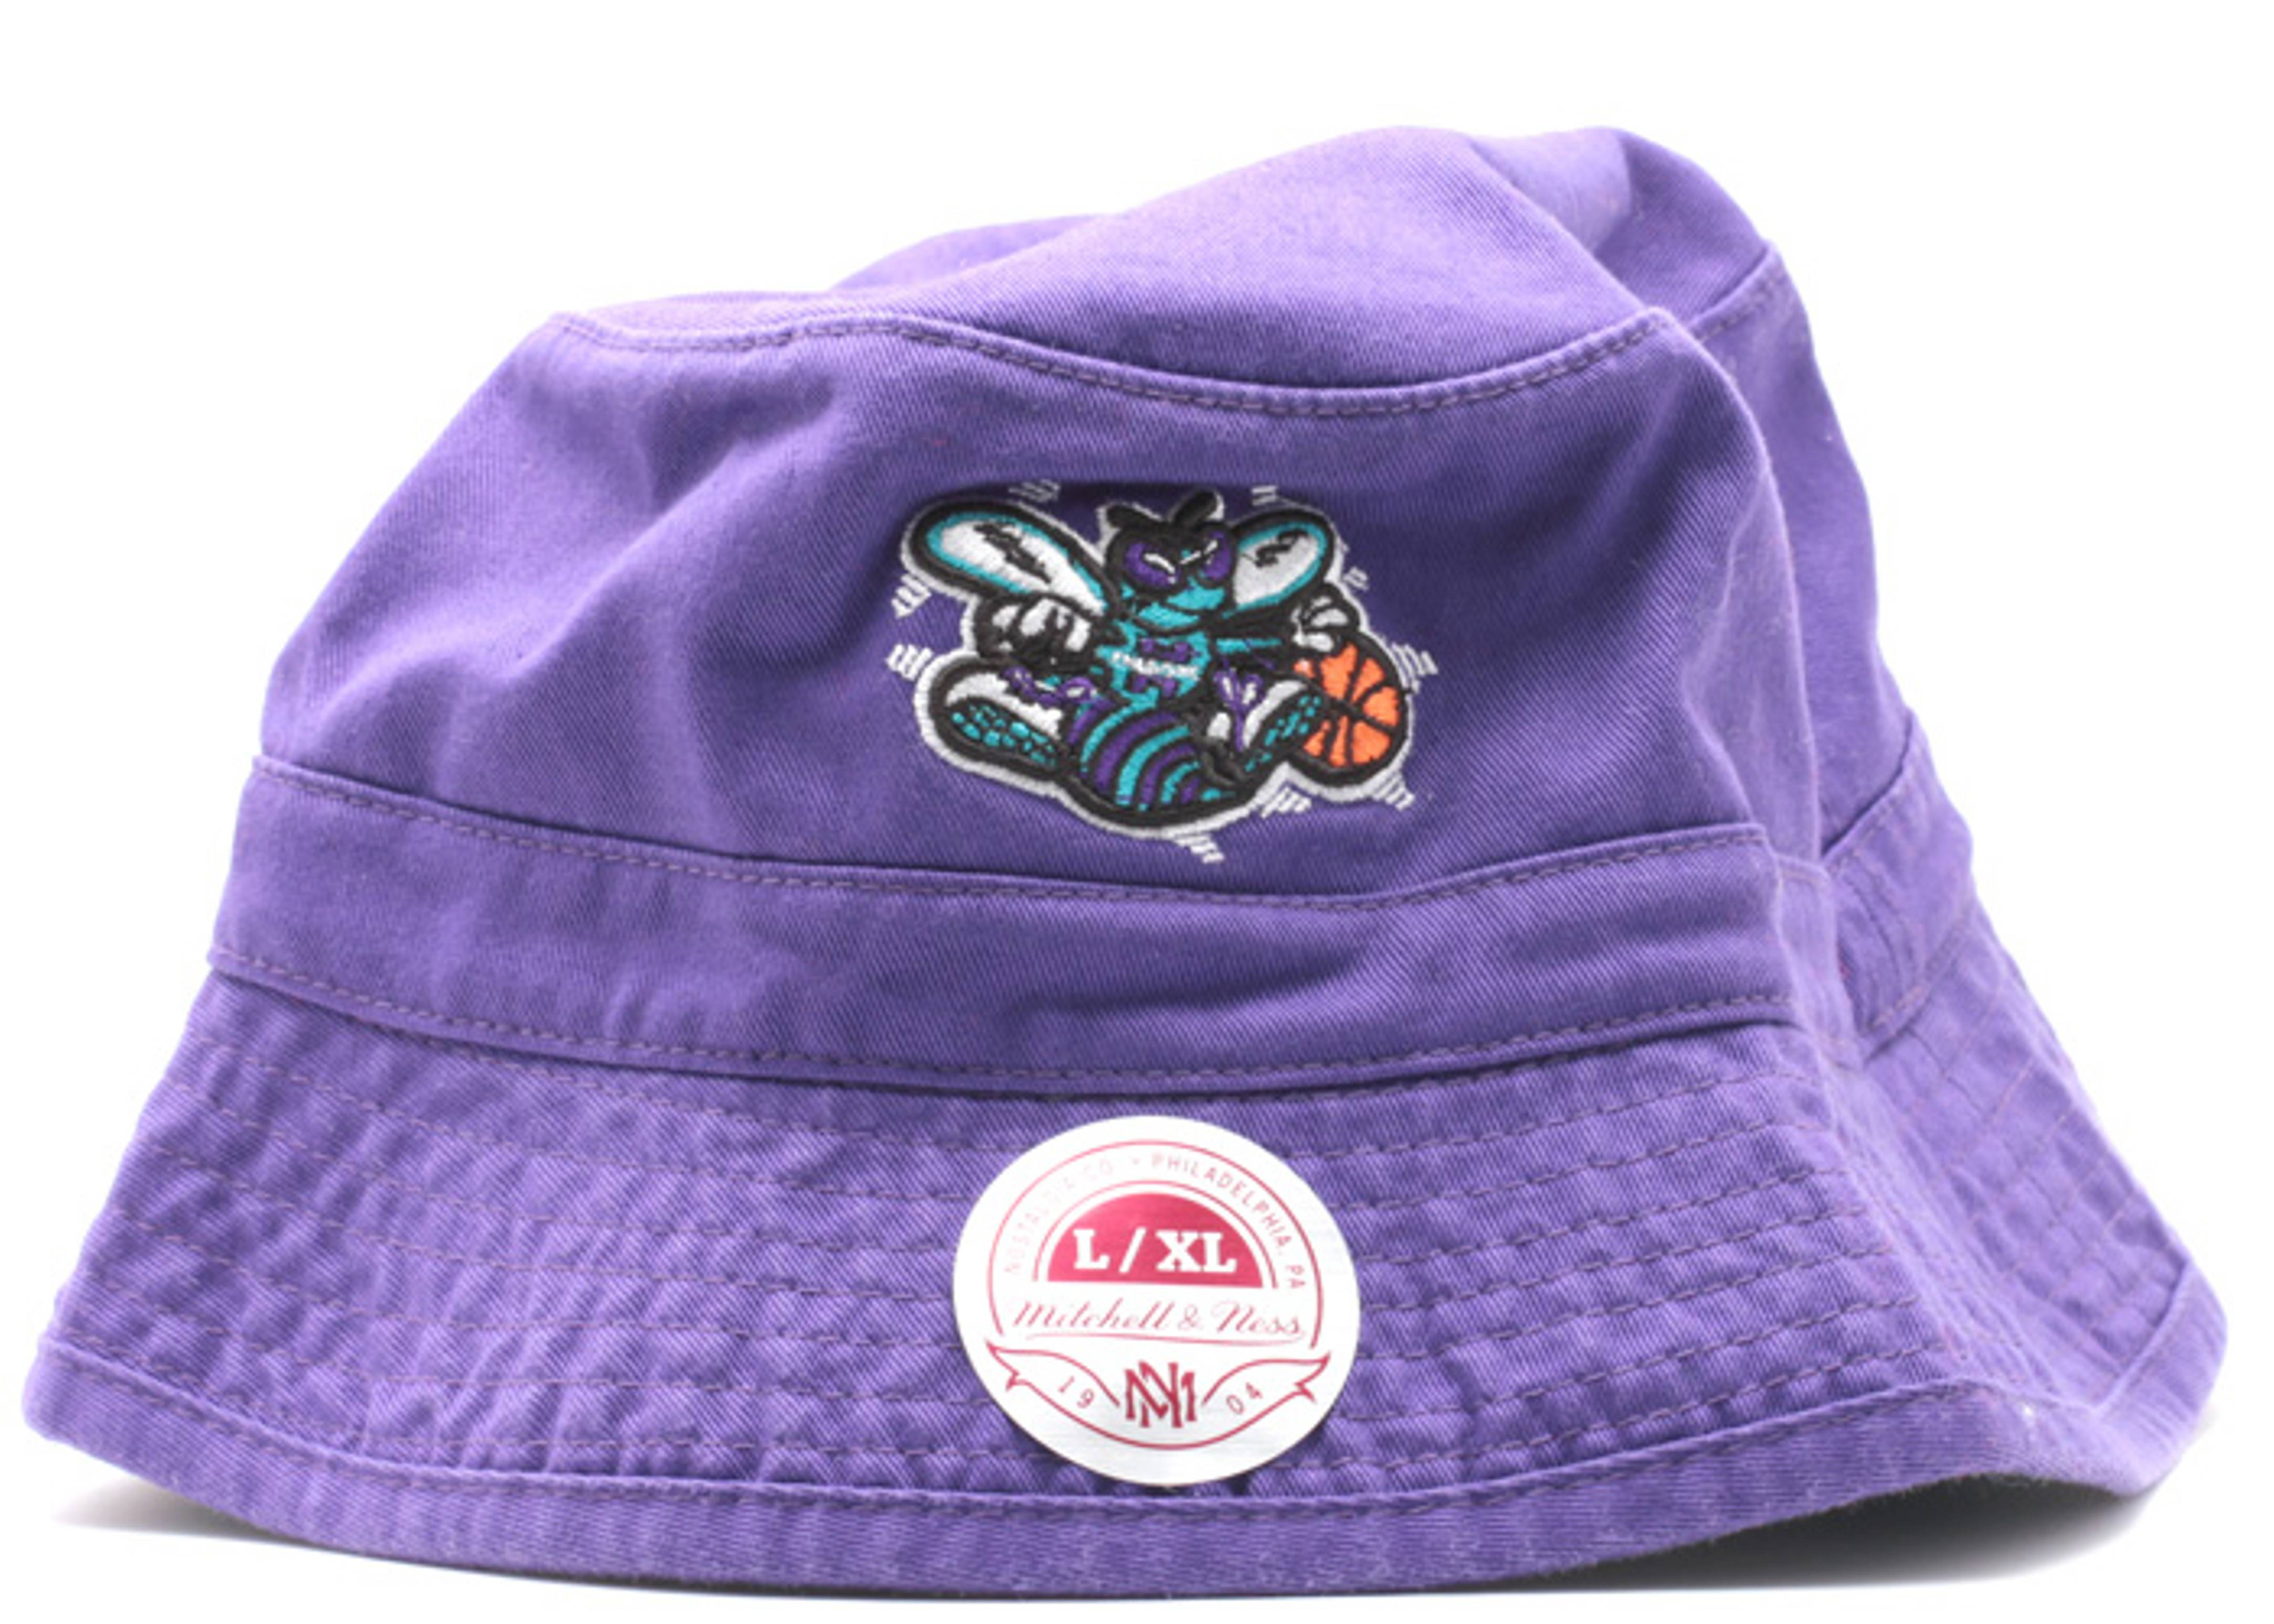 charolette hornets bucket hat